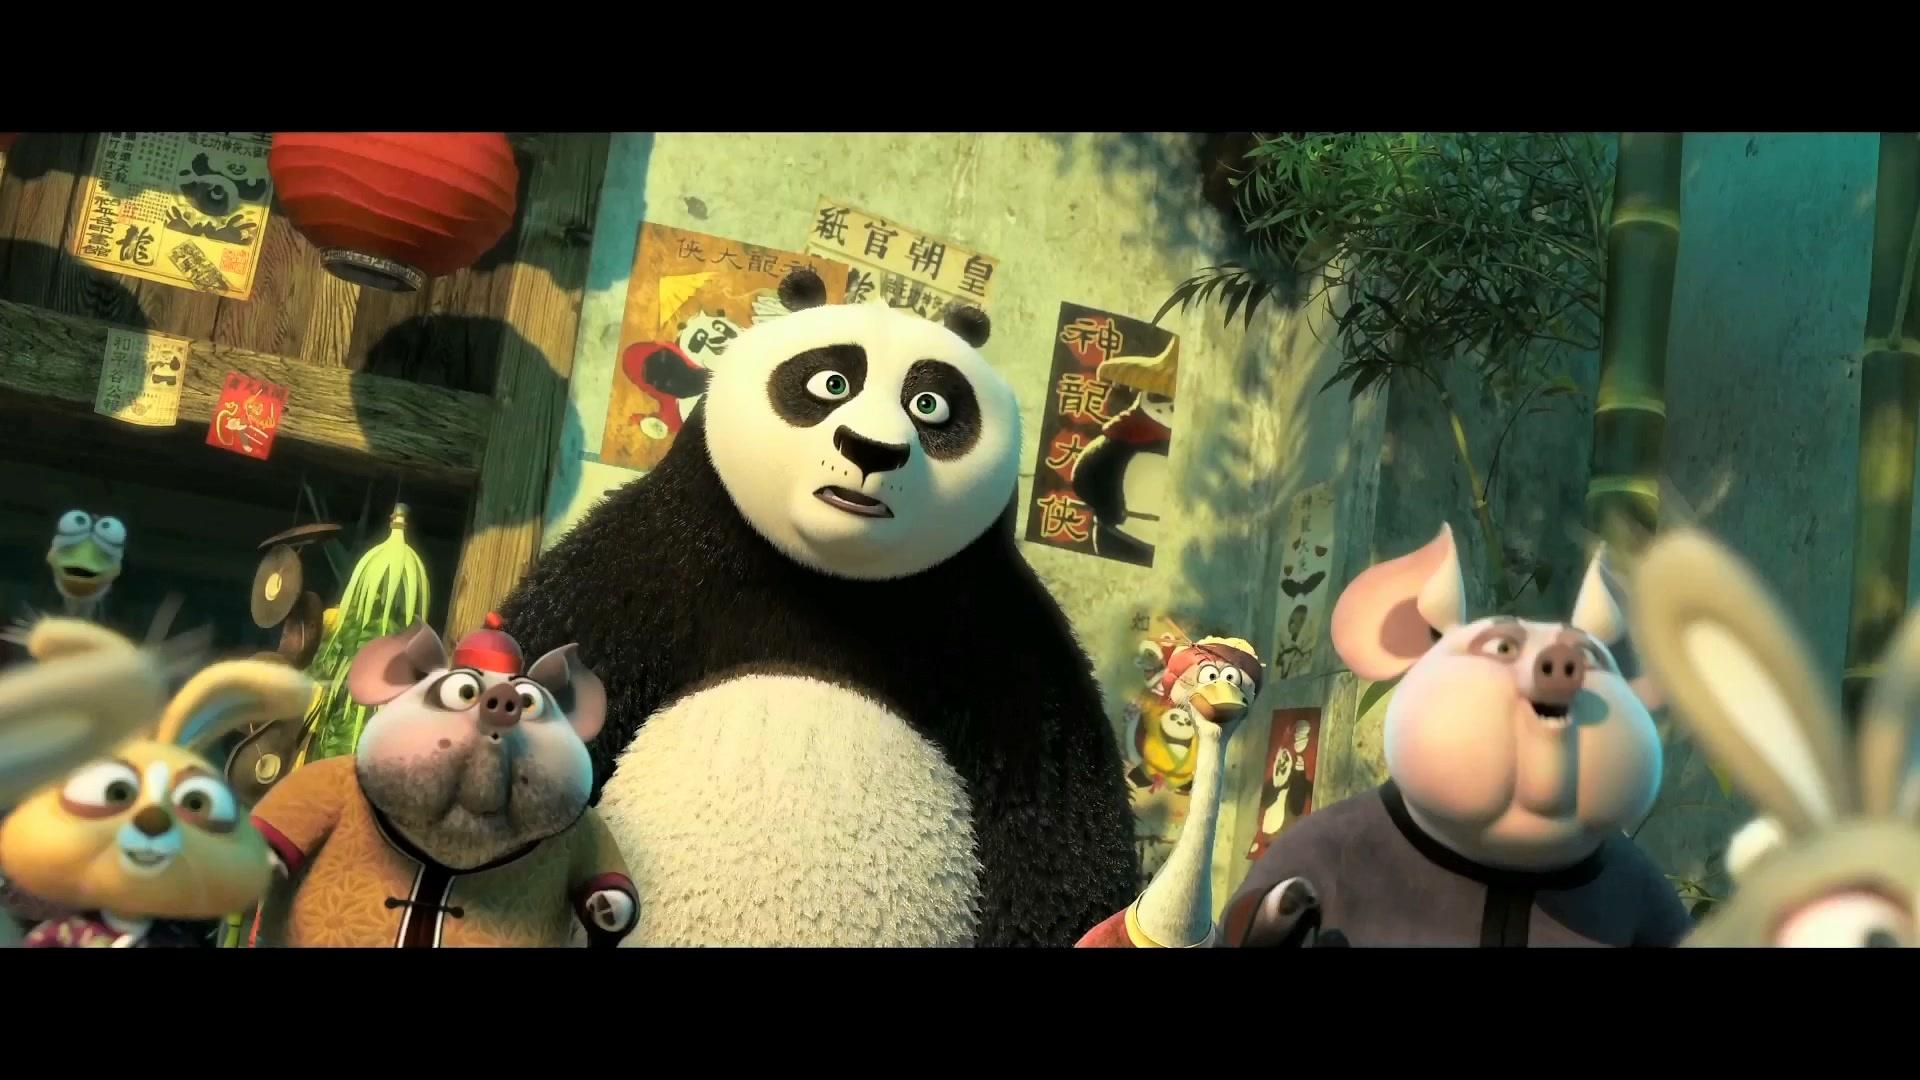 《功夫熊猫3》全球同步曝预告 熊猫阿宝偶遇生父图片